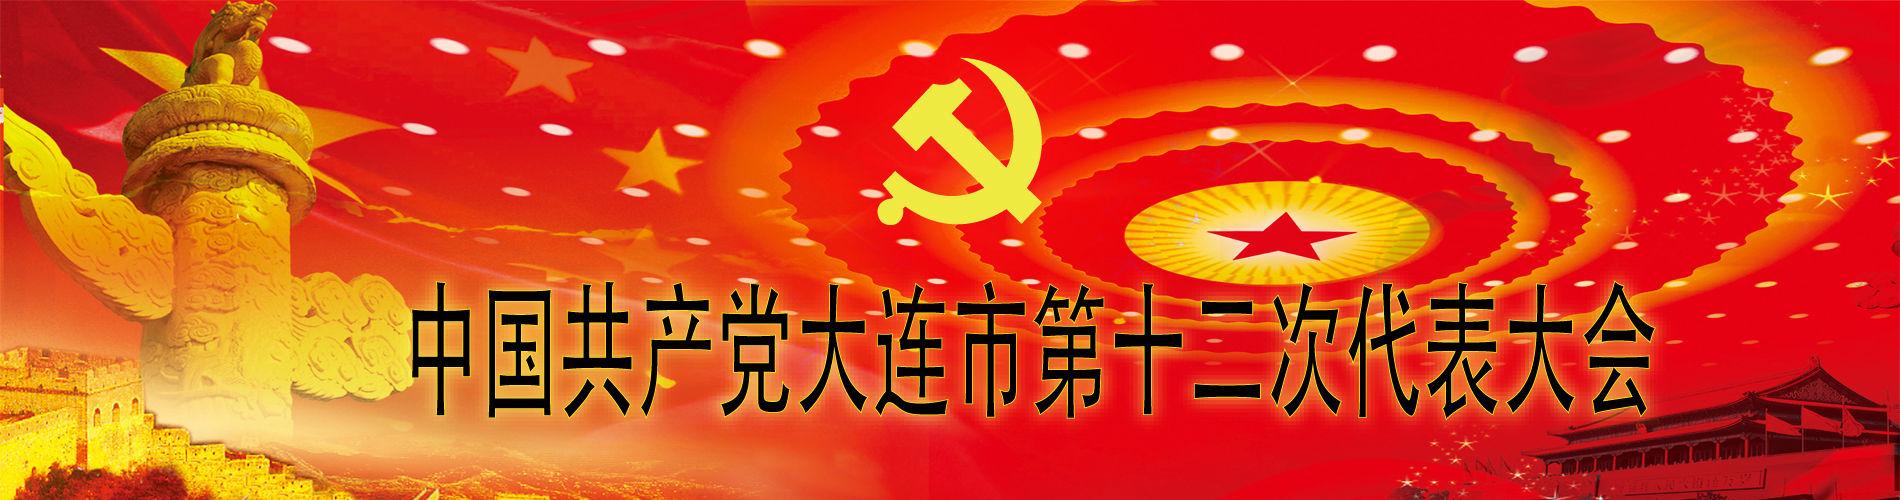 中国共产党大连市第十二届代表大会